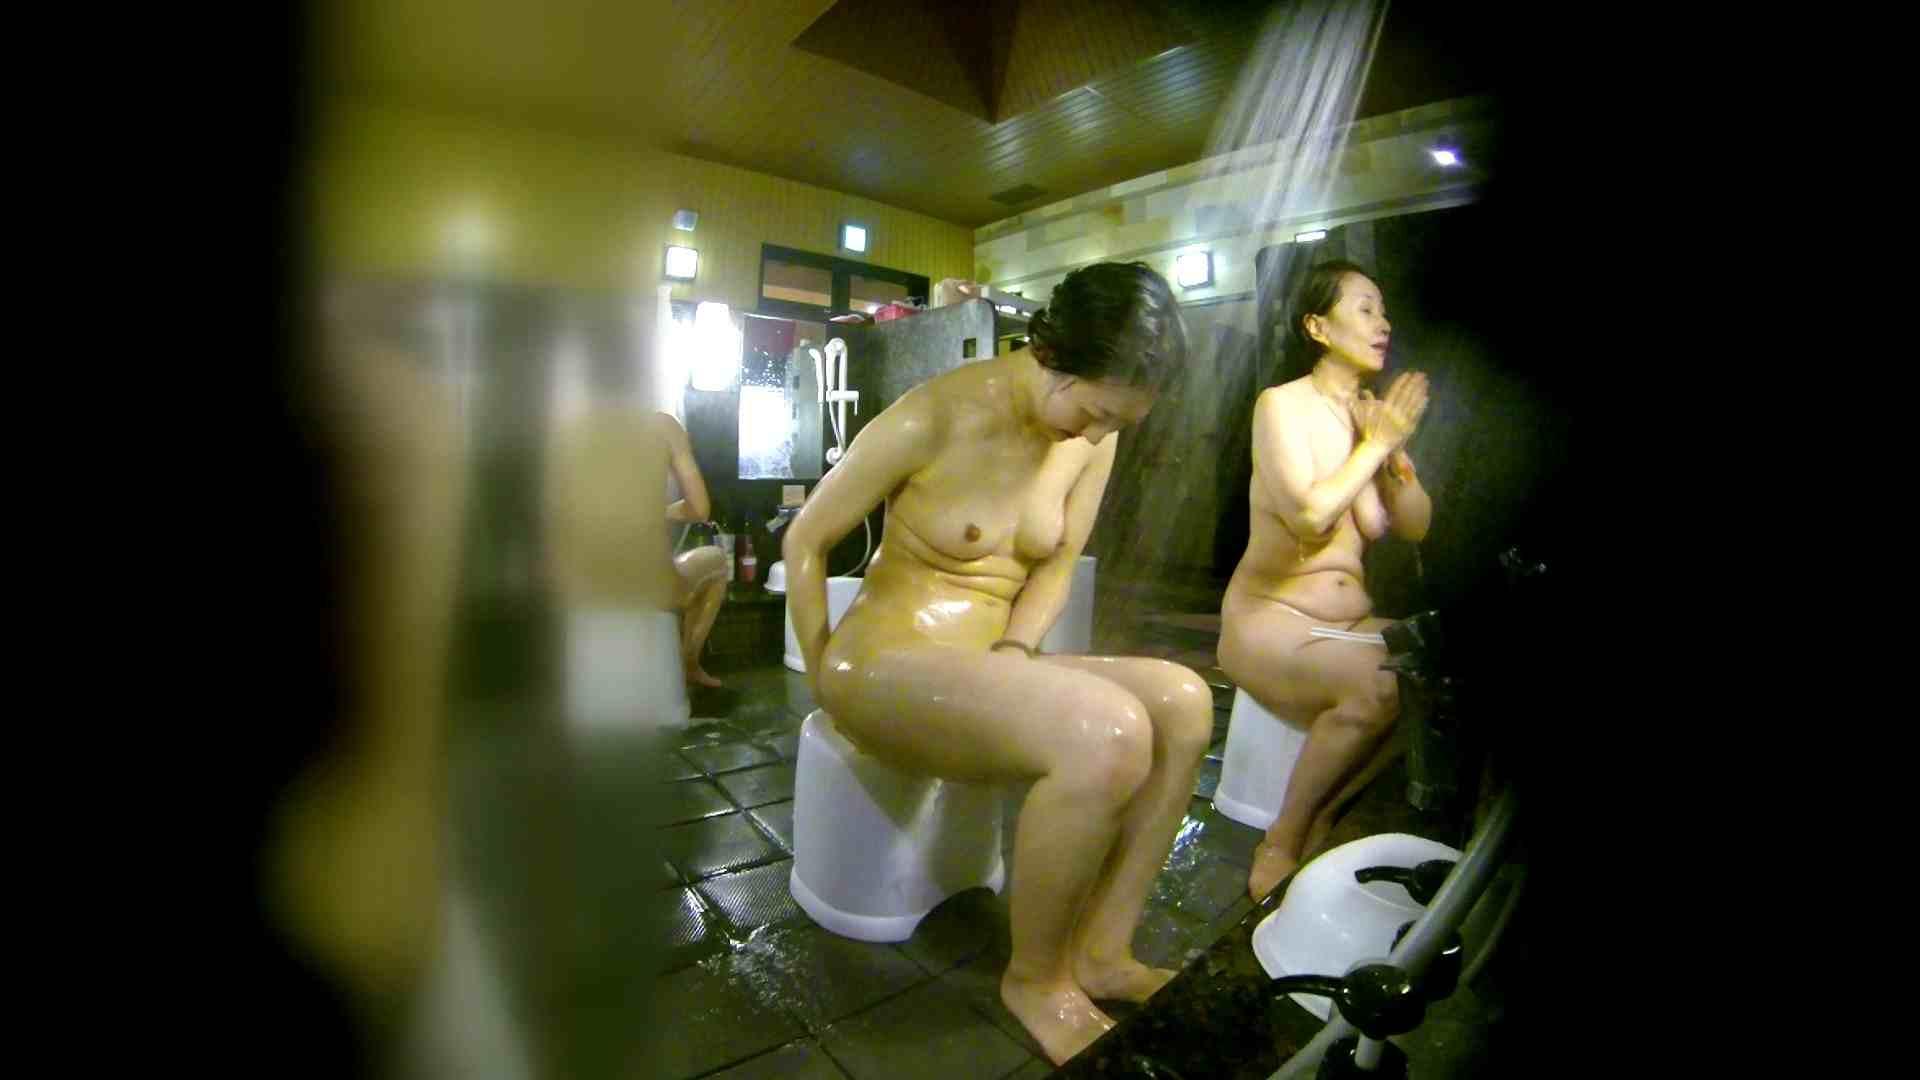 洗い場!右足の位置がいいですね。陰毛もっさり! 美肌 セックス画像 111画像 58